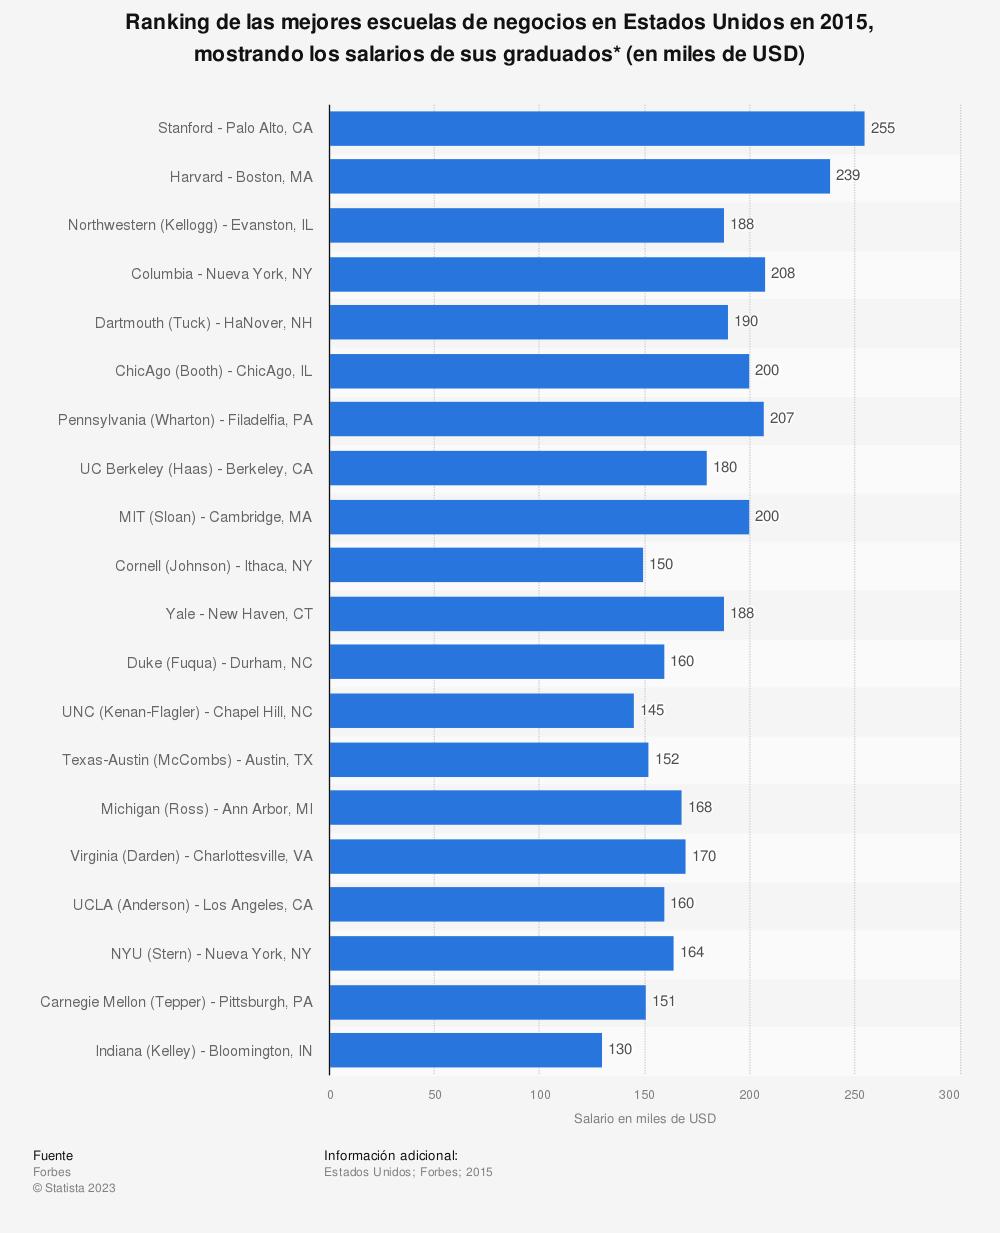 Estadística: Ranking de las mejores escuelas de negocios en Estados Unidos en 2015, mostrando los salarios de sus graduados* (en miles de USD) | Statista